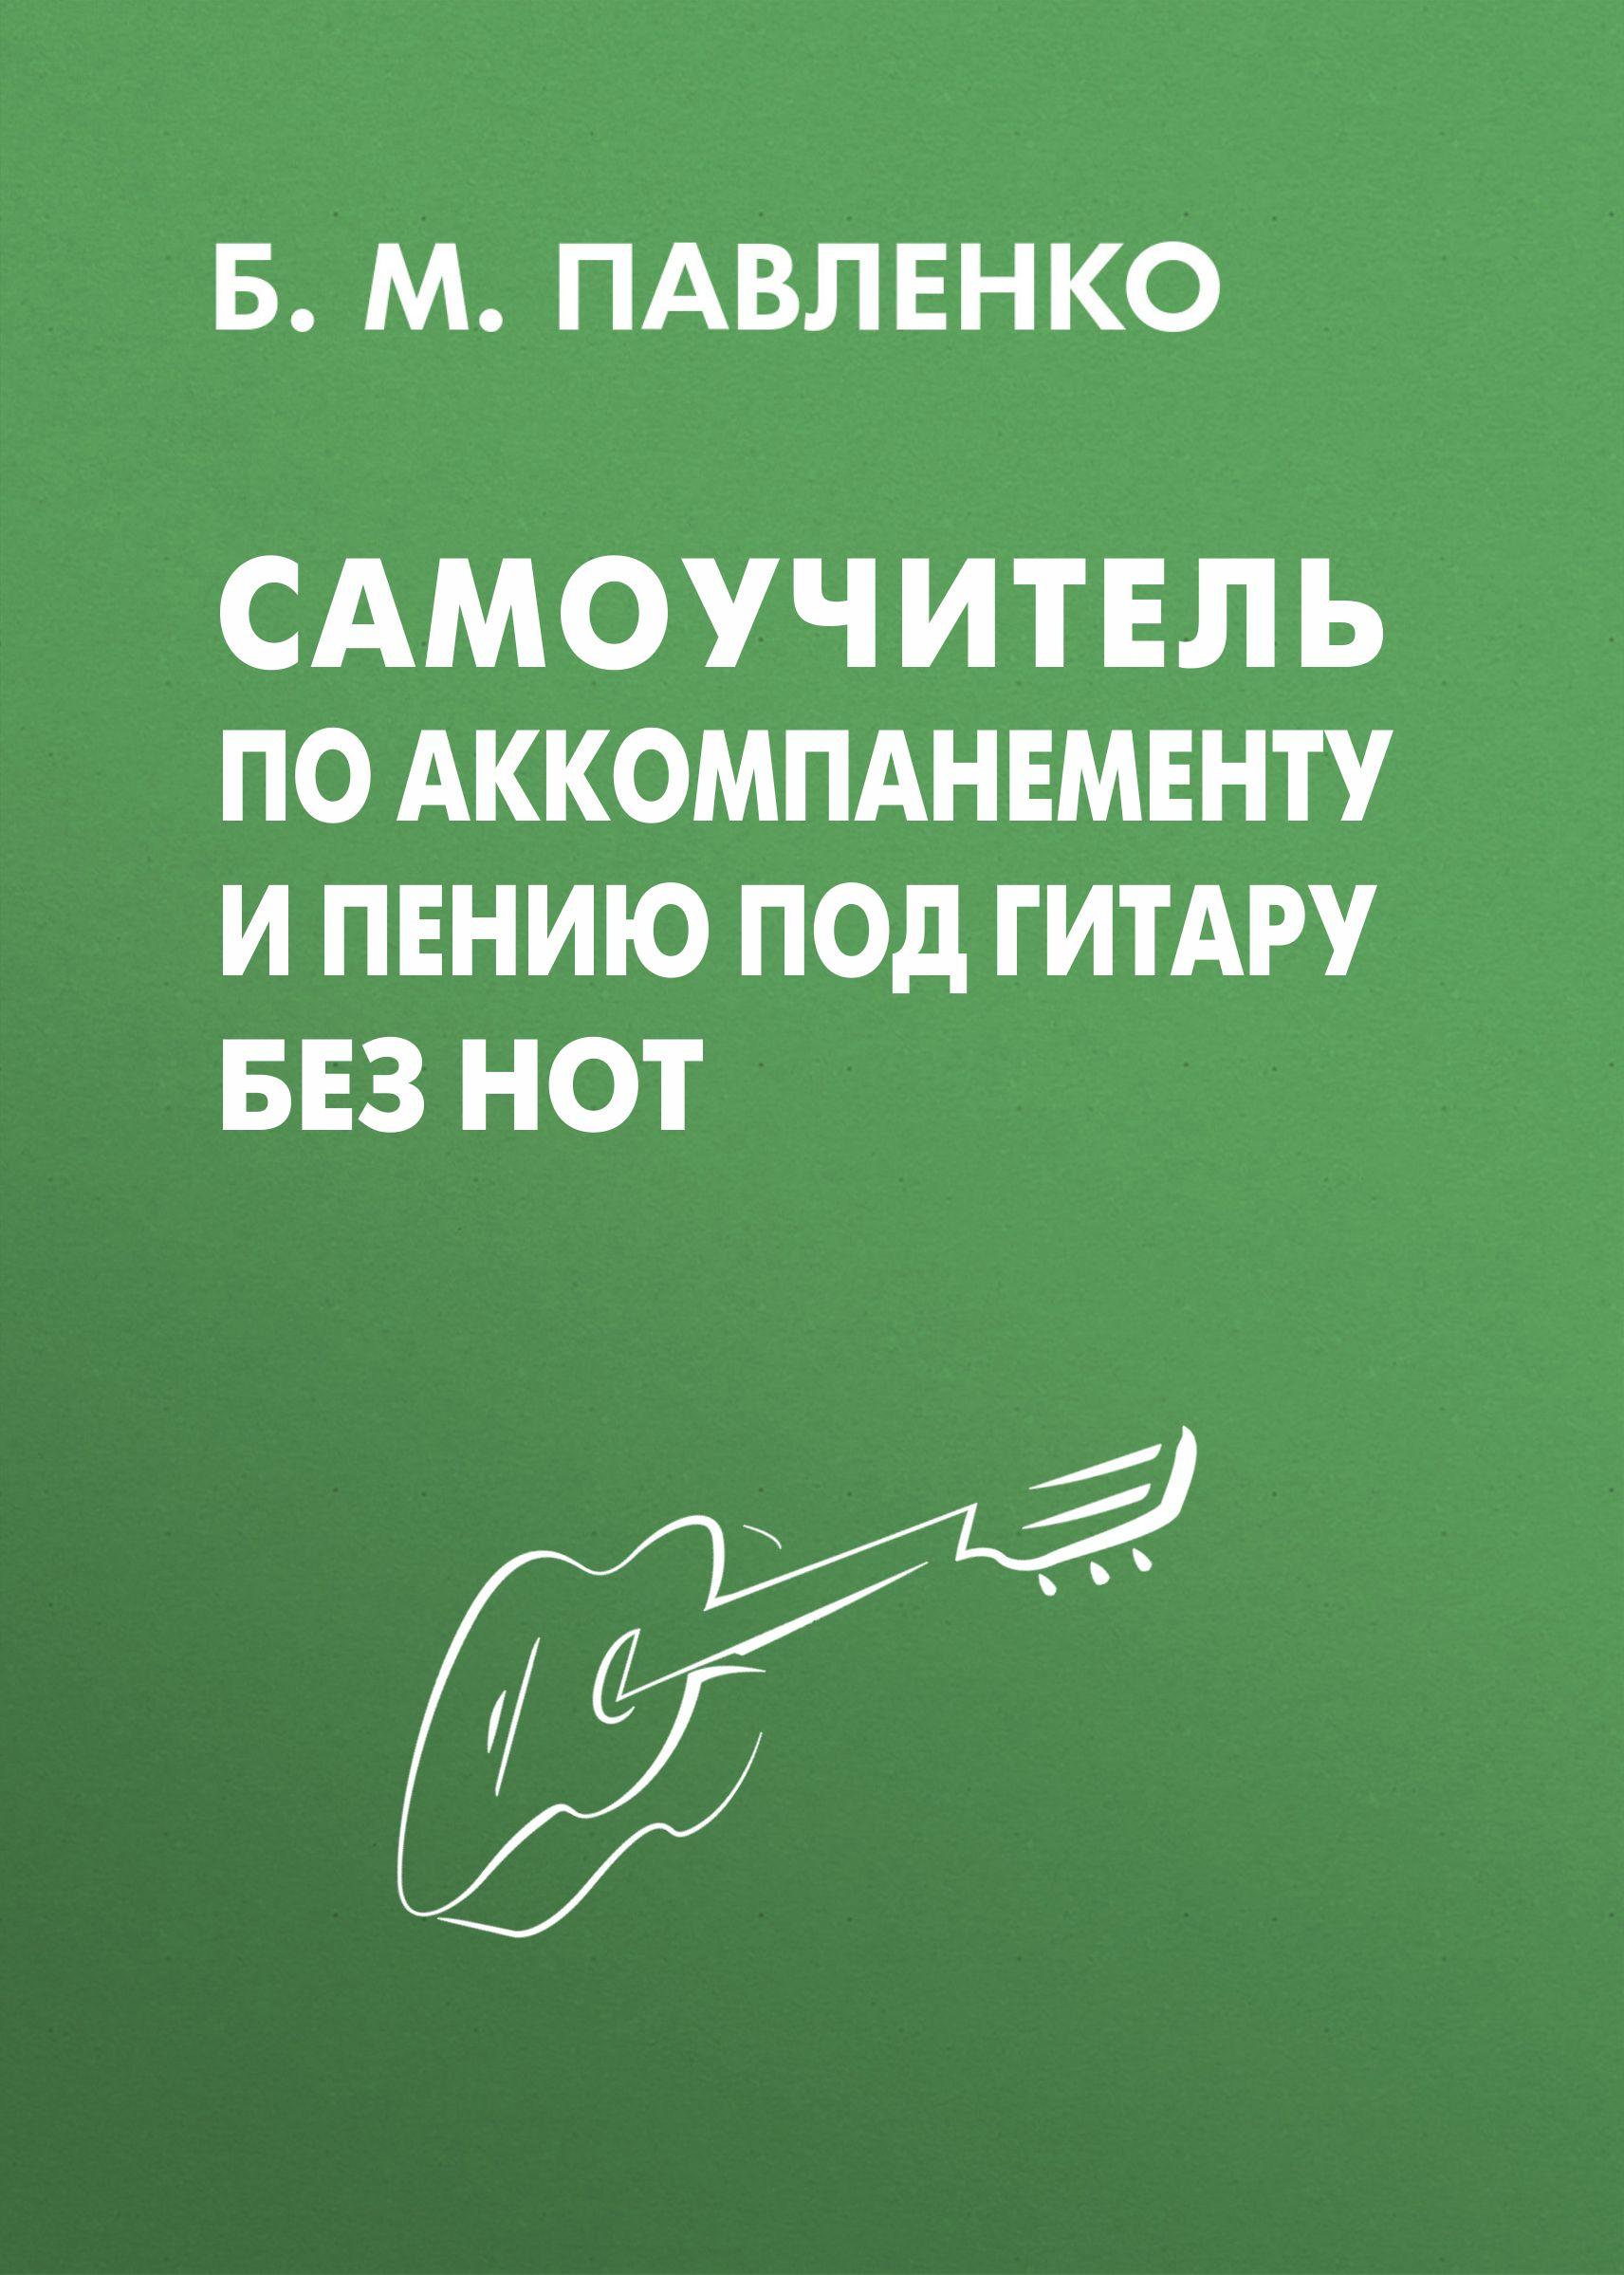 Б. М. Павленко Самоучитель по аккомпанементу и пению под без нот